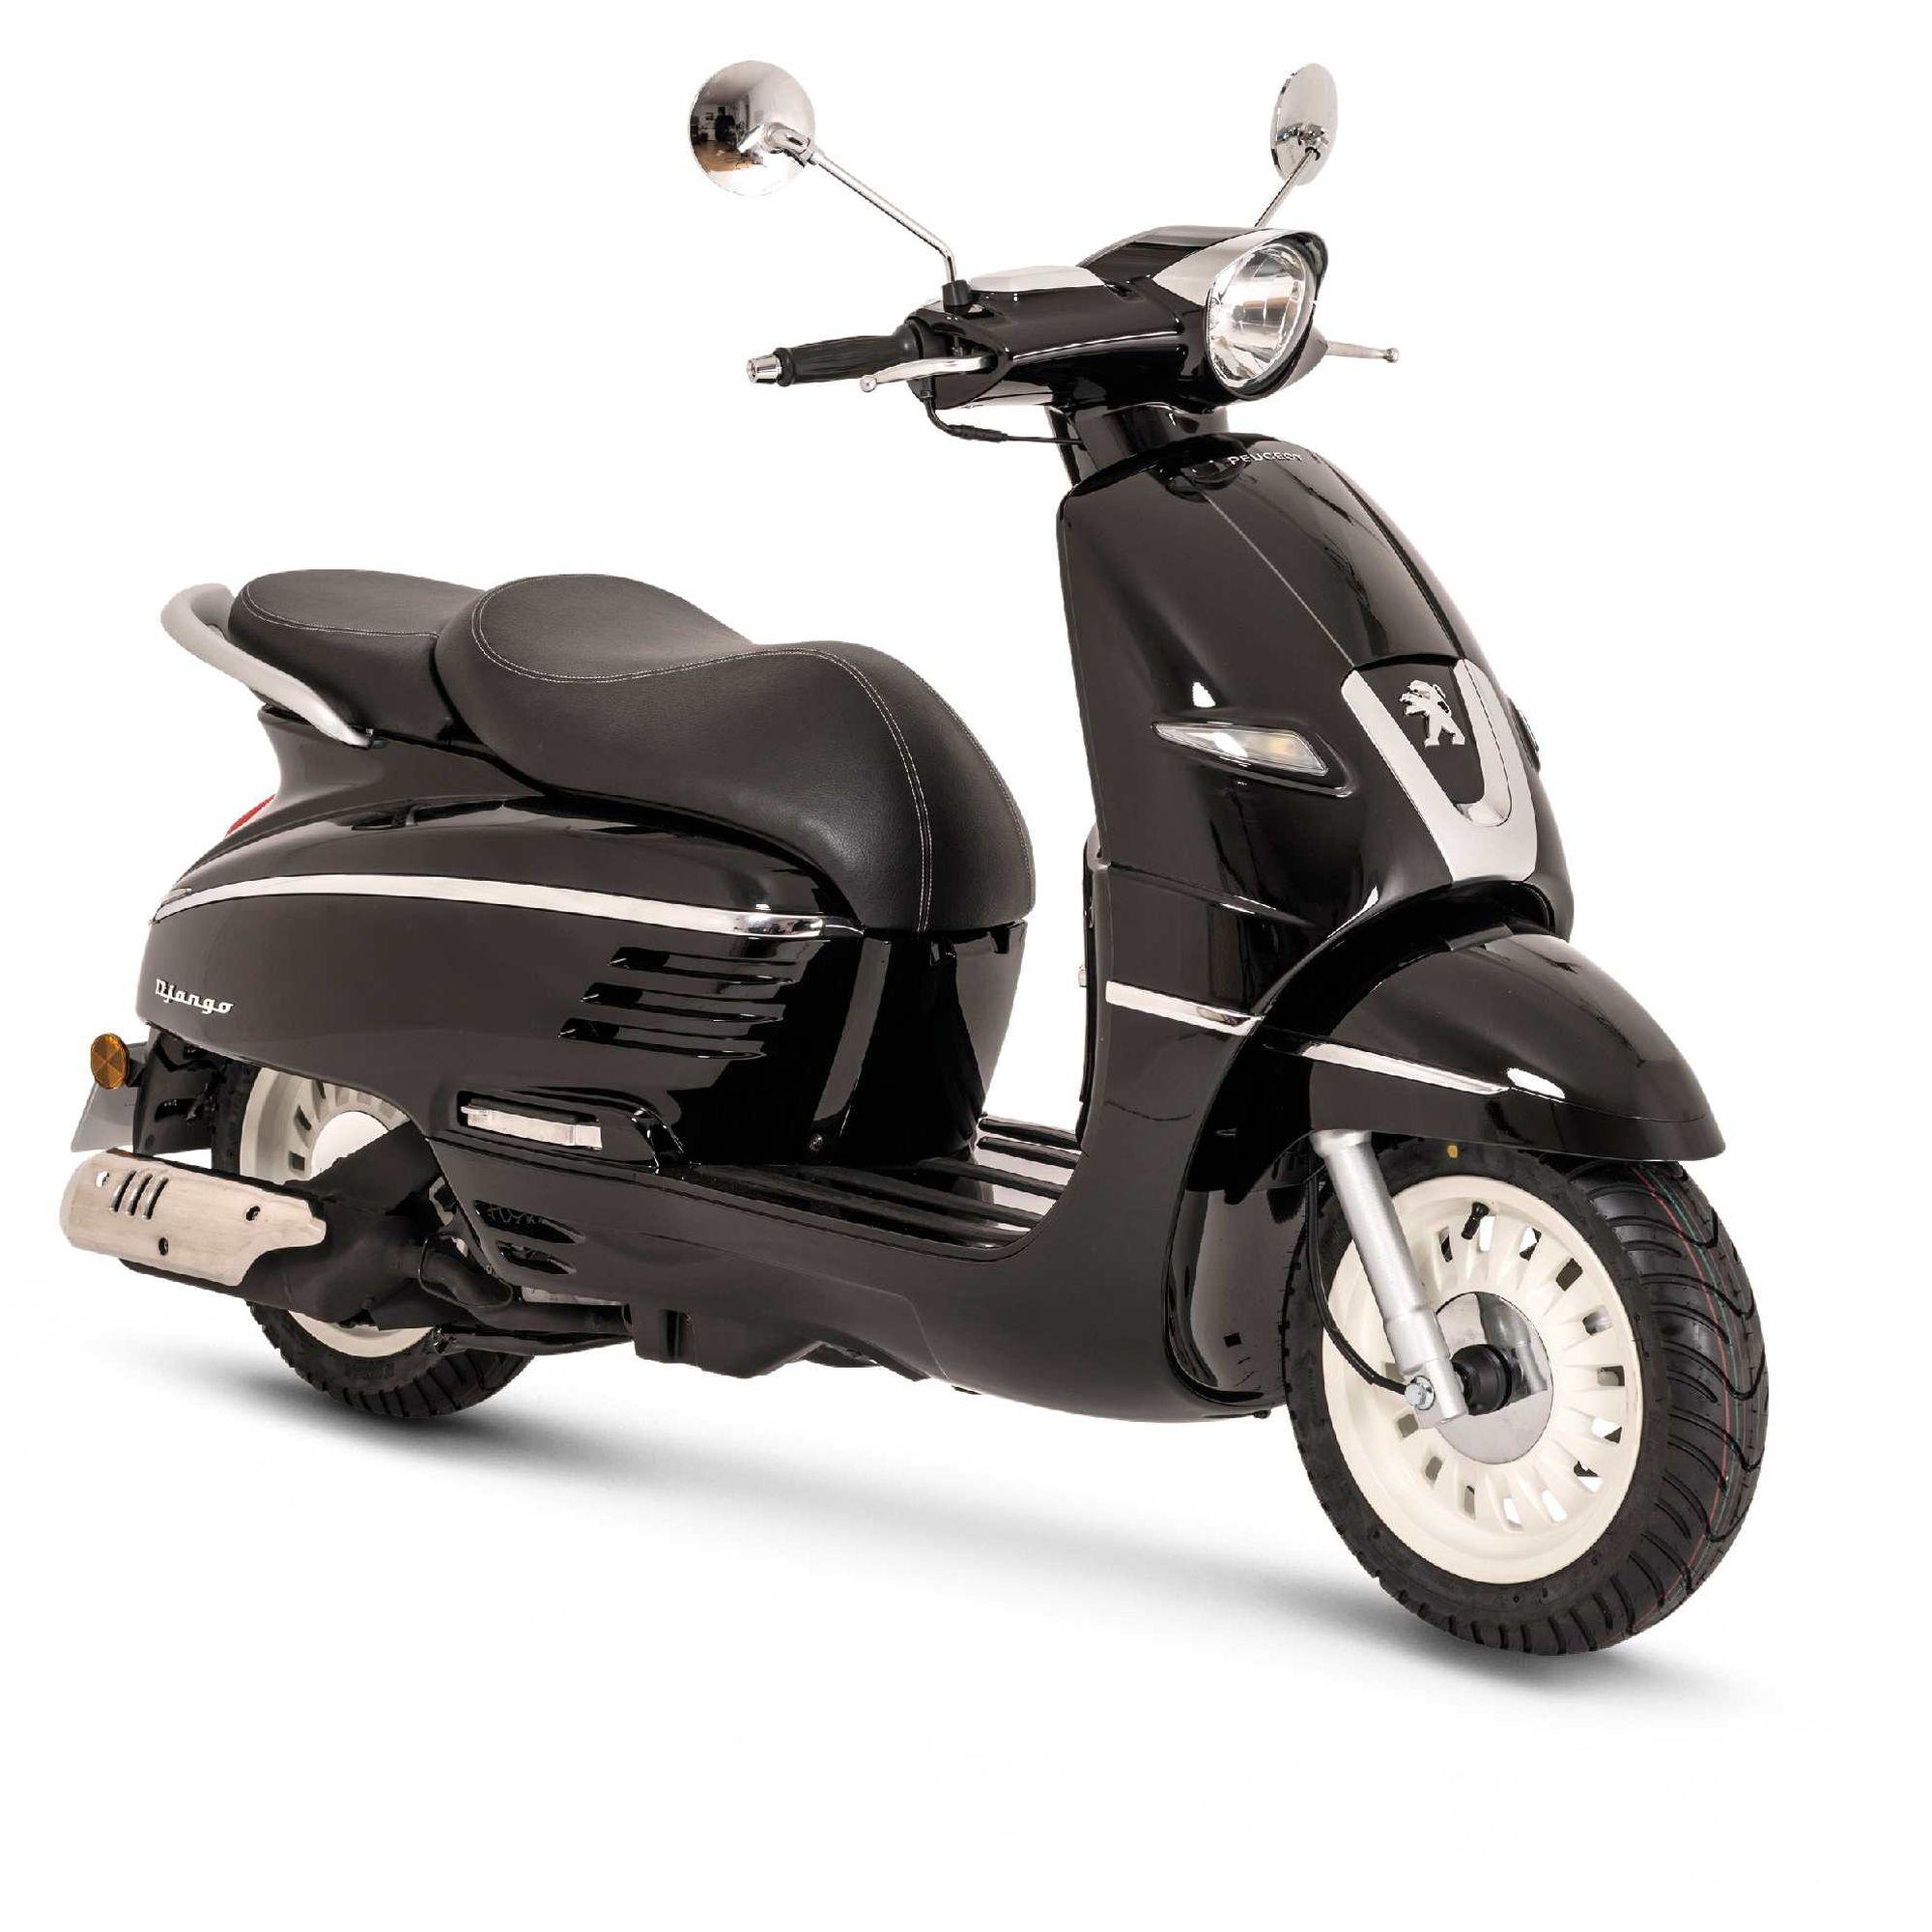 gebrauchte und neue peugeot django 50 2t heritage motorr der kaufen. Black Bedroom Furniture Sets. Home Design Ideas